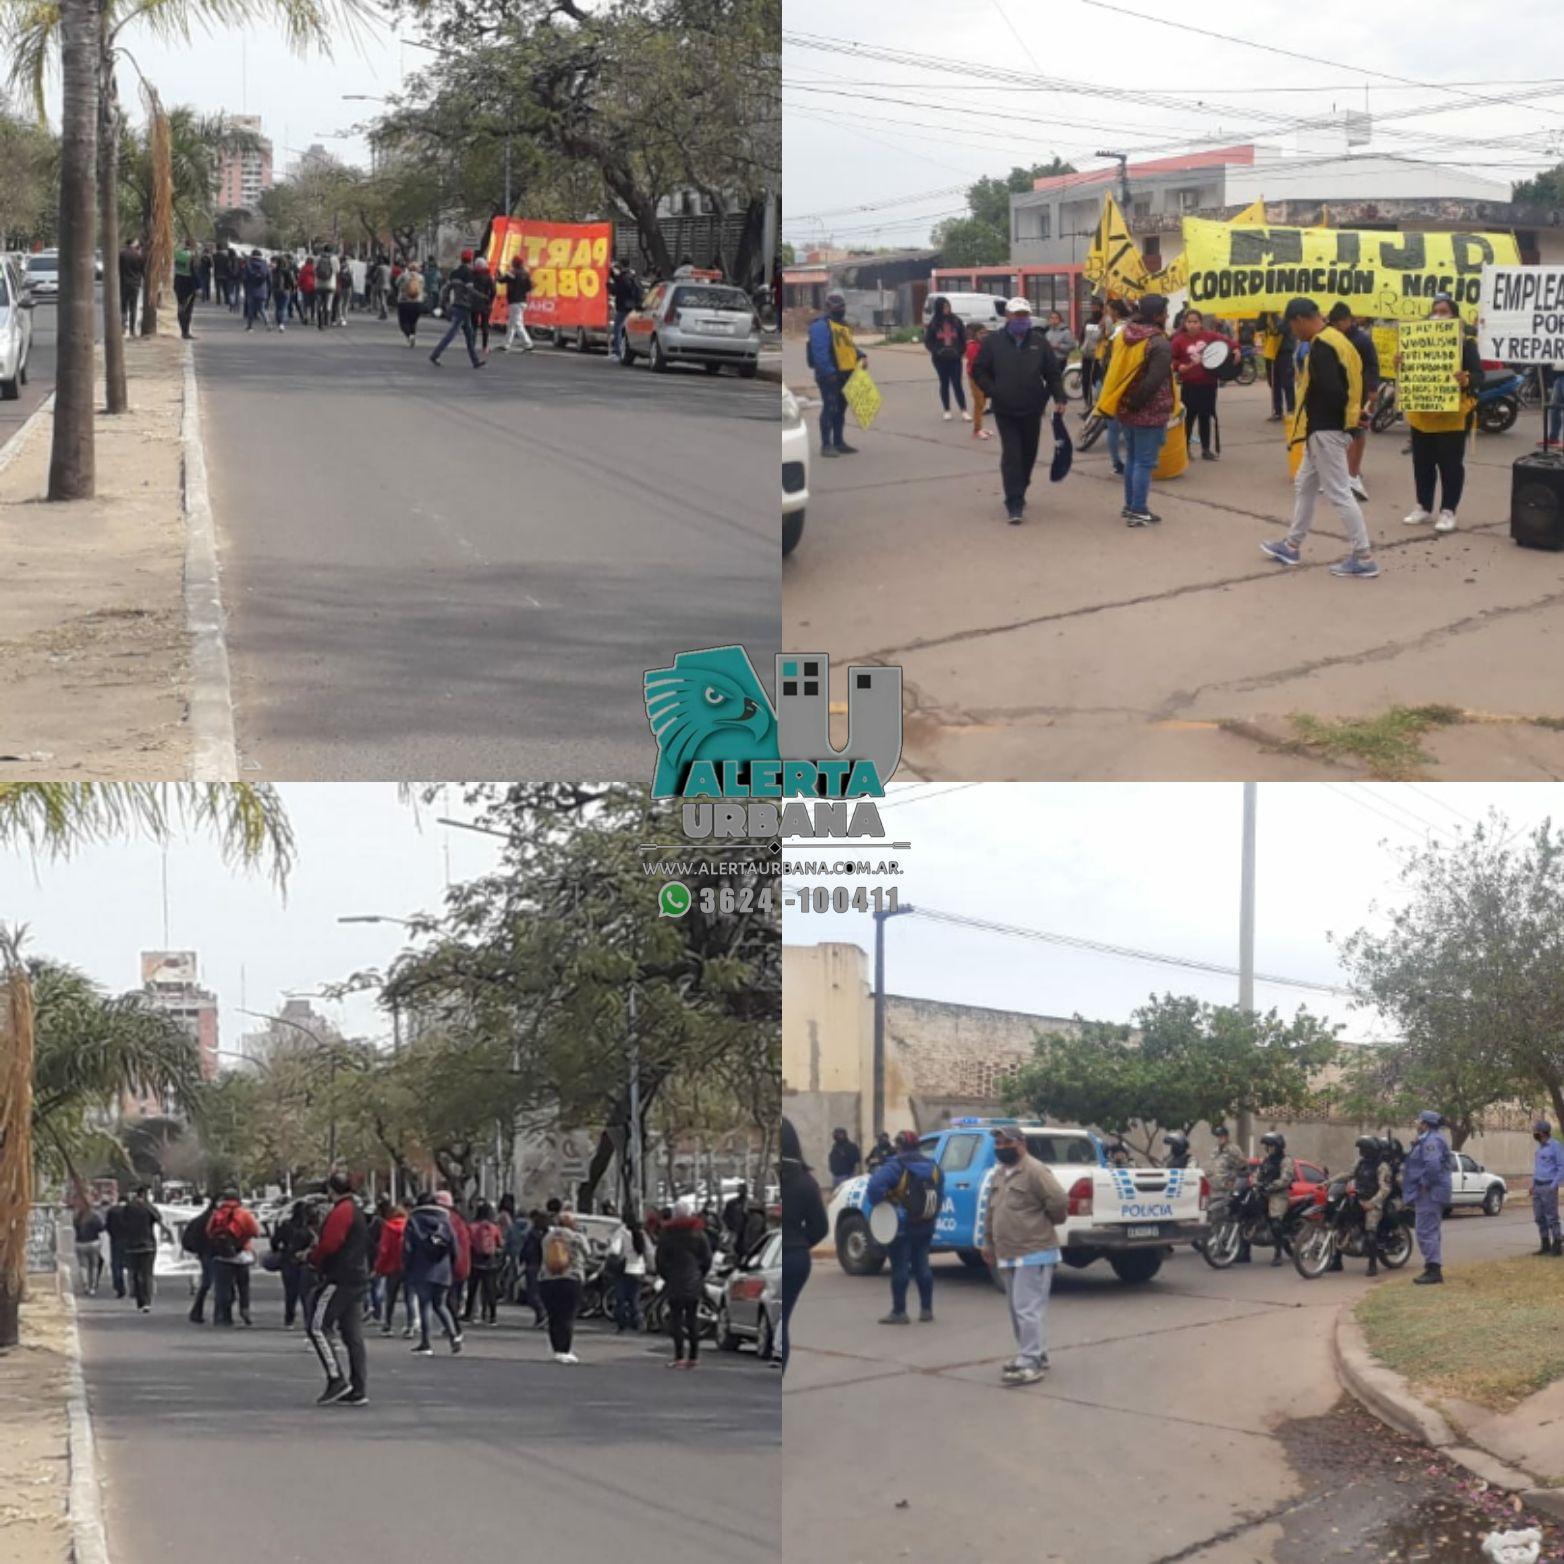 Chaco: Panorama de Manifestaciones